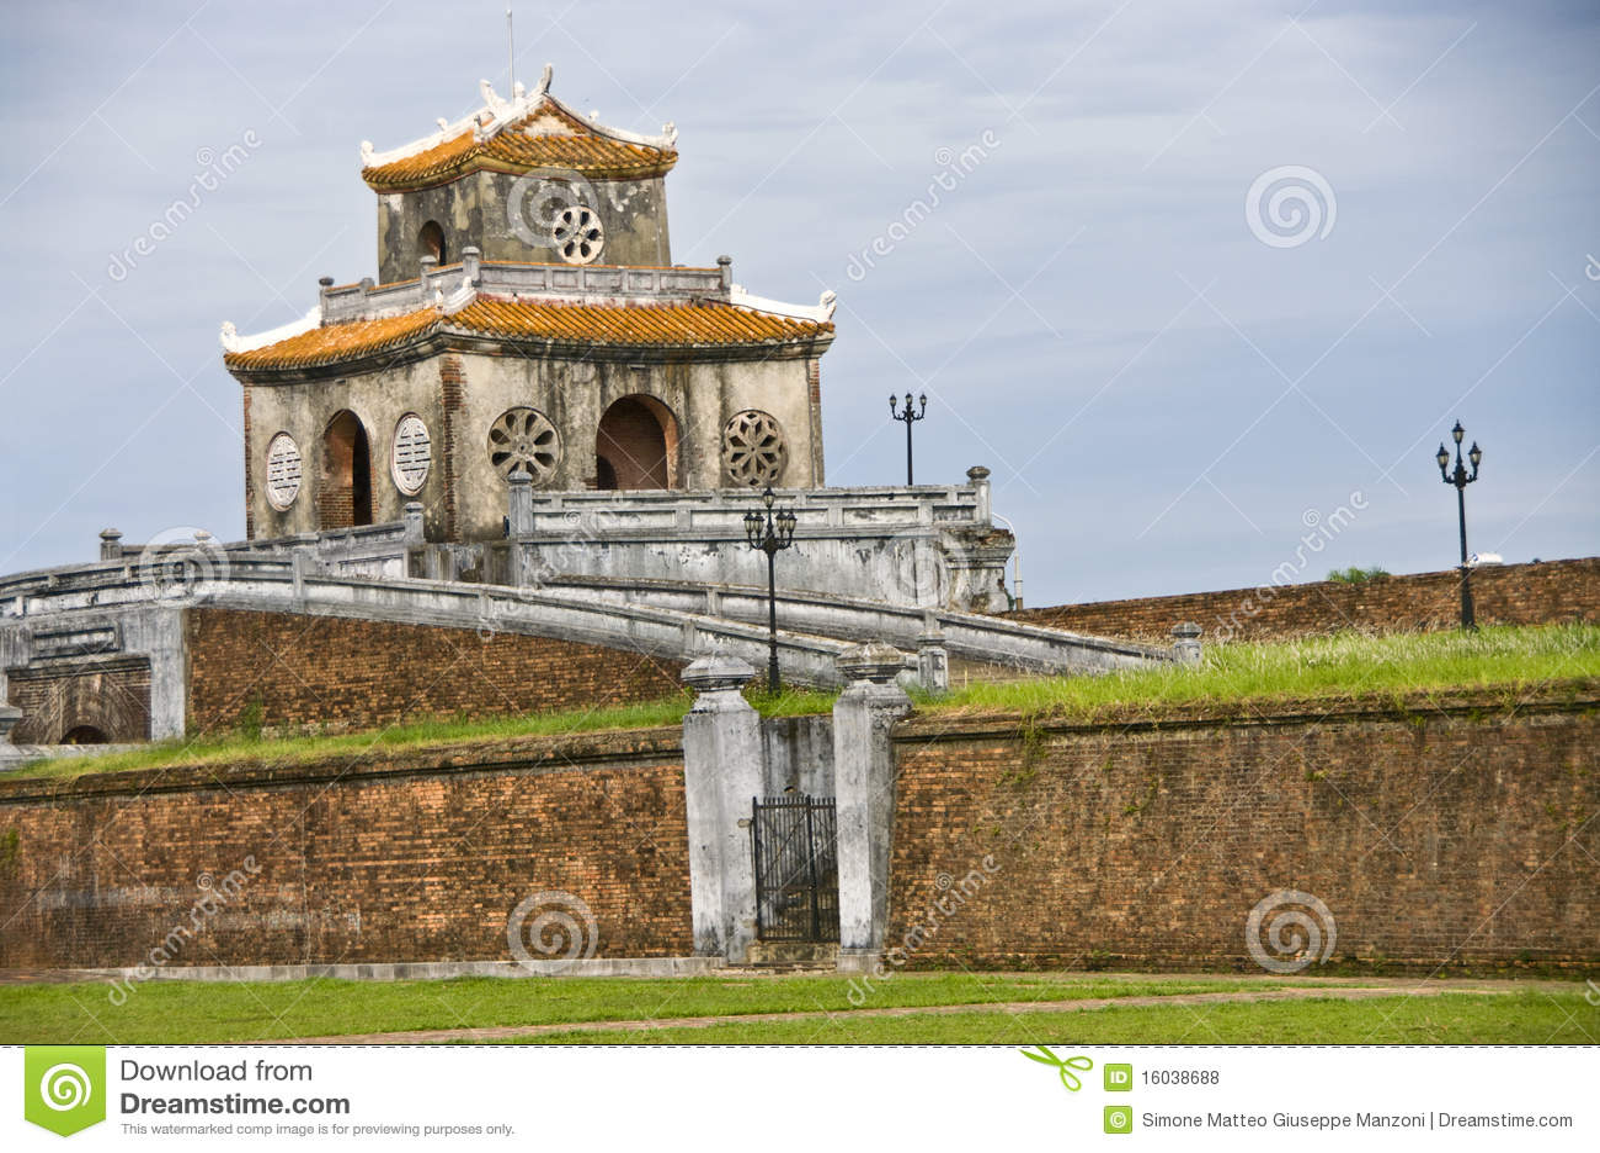 Bloquee la torre en la pared de la ciudadela, tonalidad